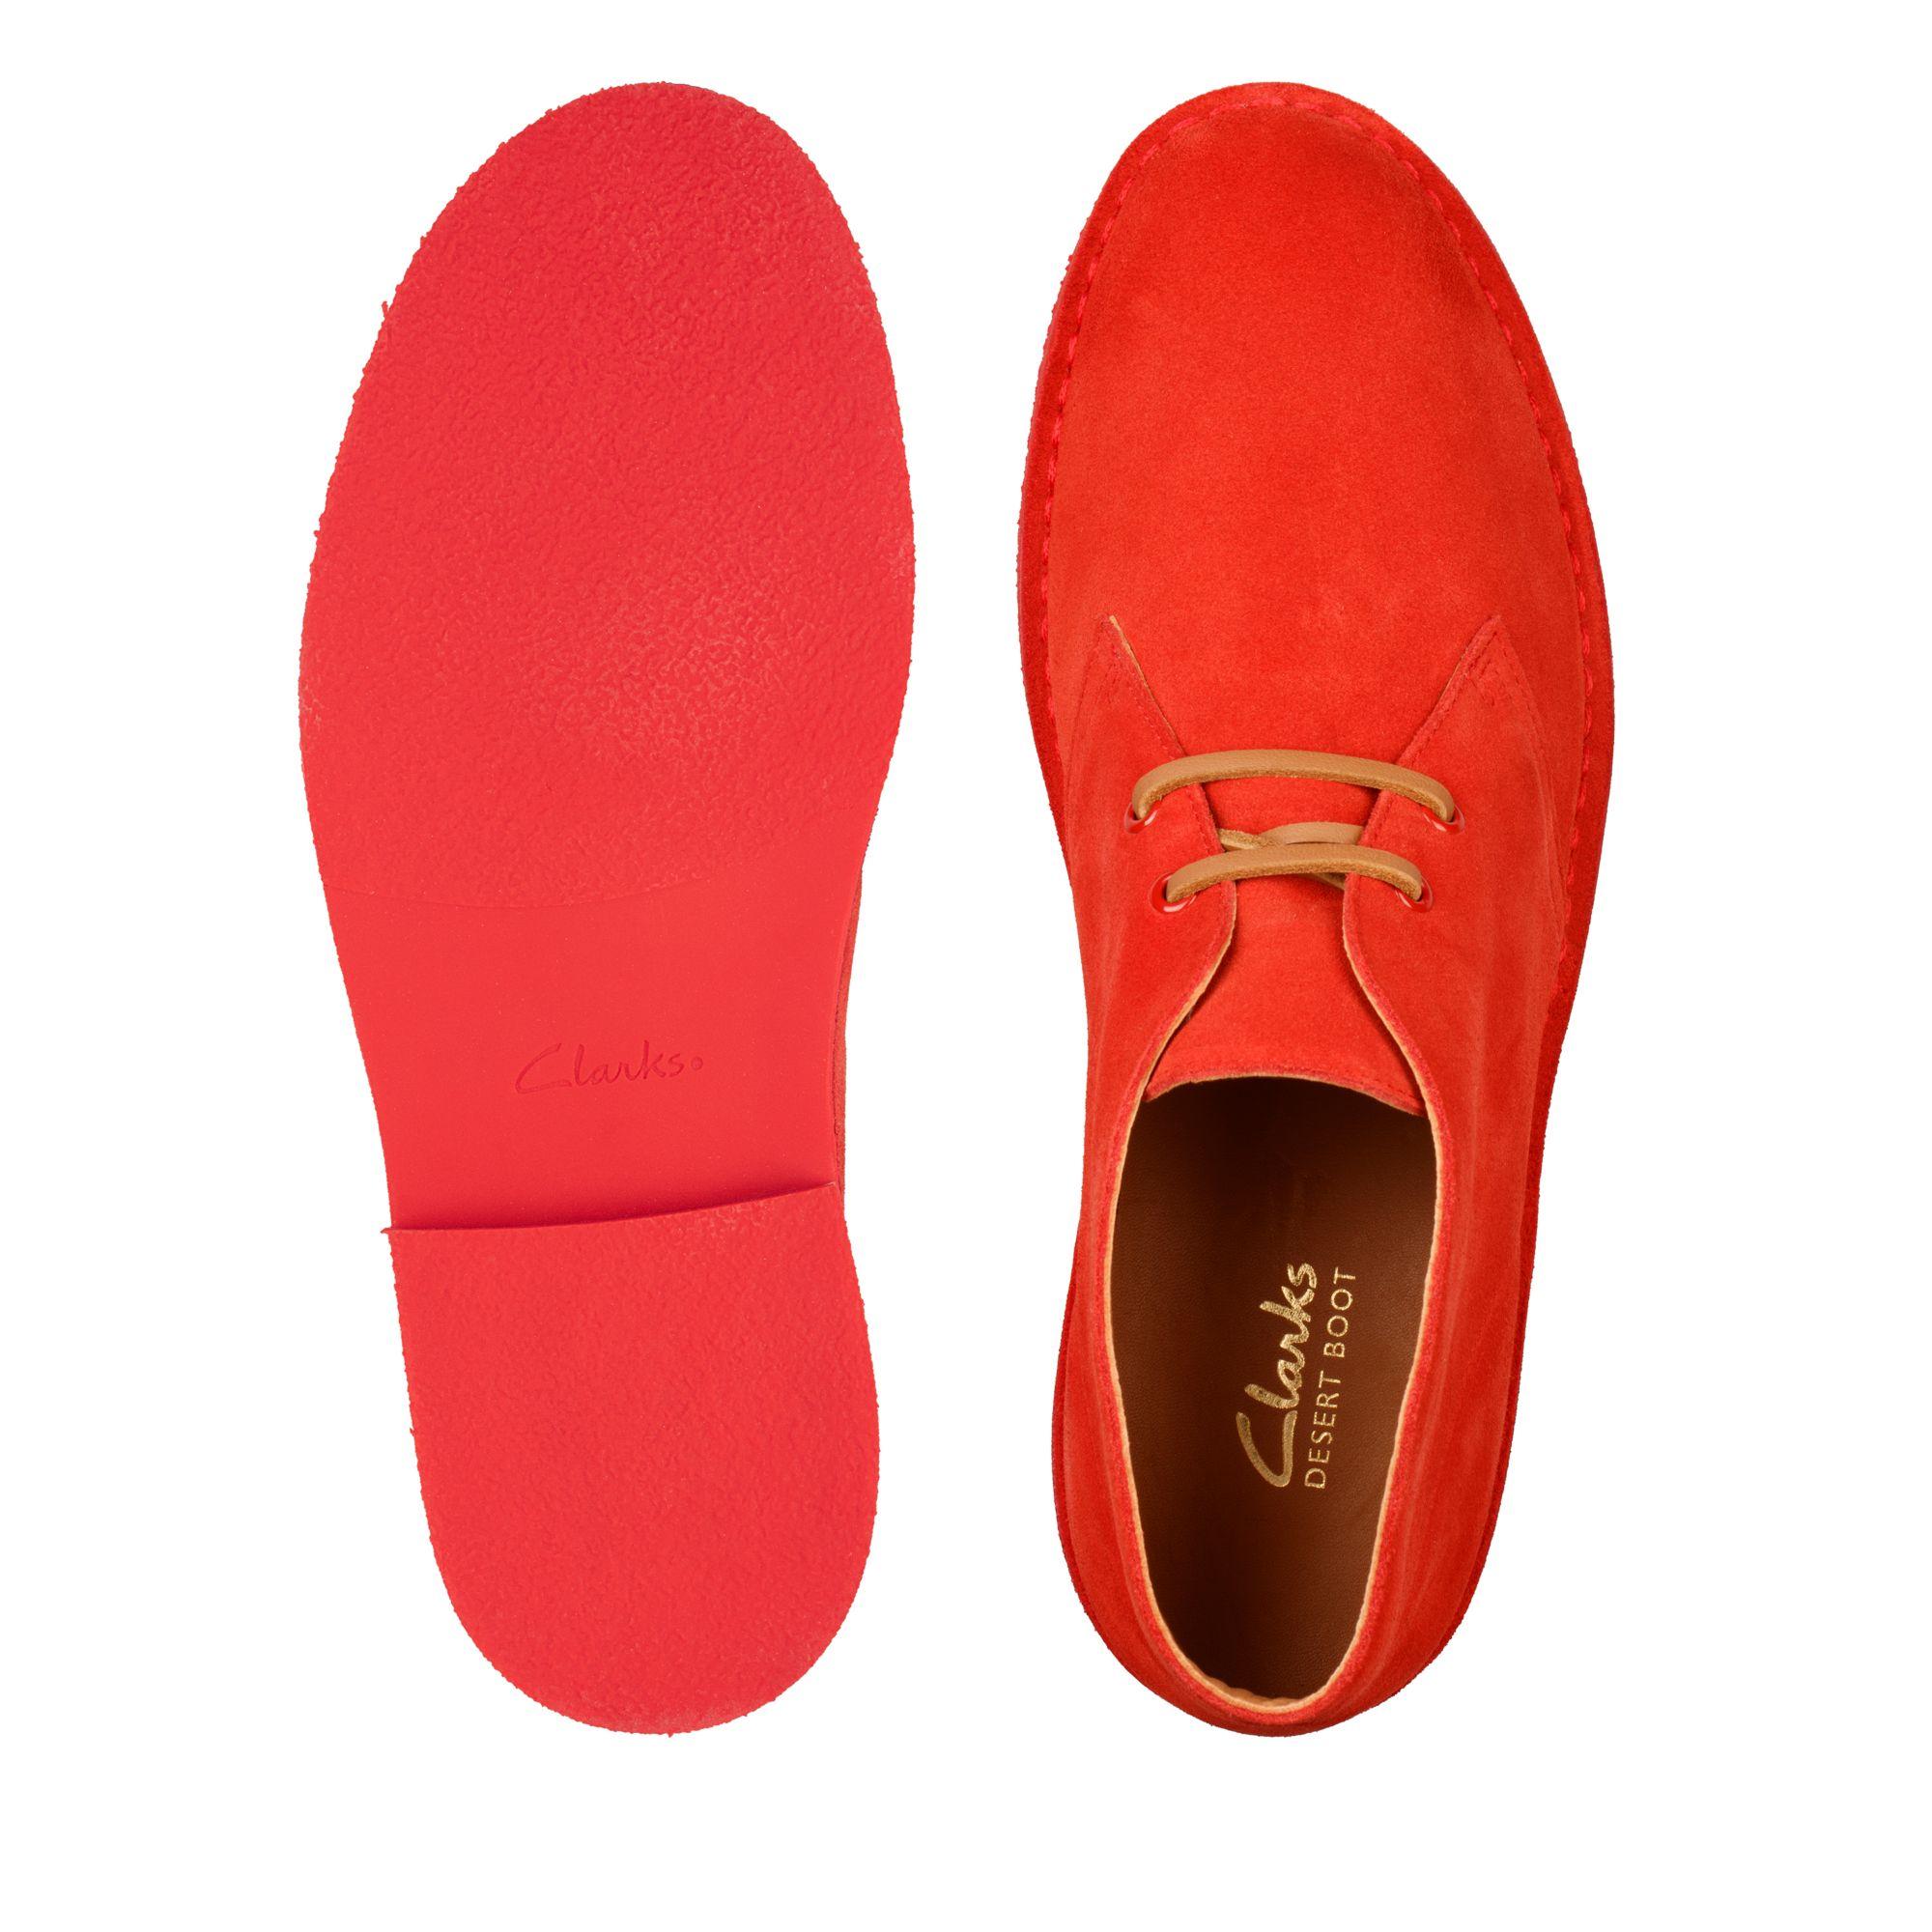 Мъжки ежедневни обувки Clarks Desert Boot 2 от велур червени - снимка 8